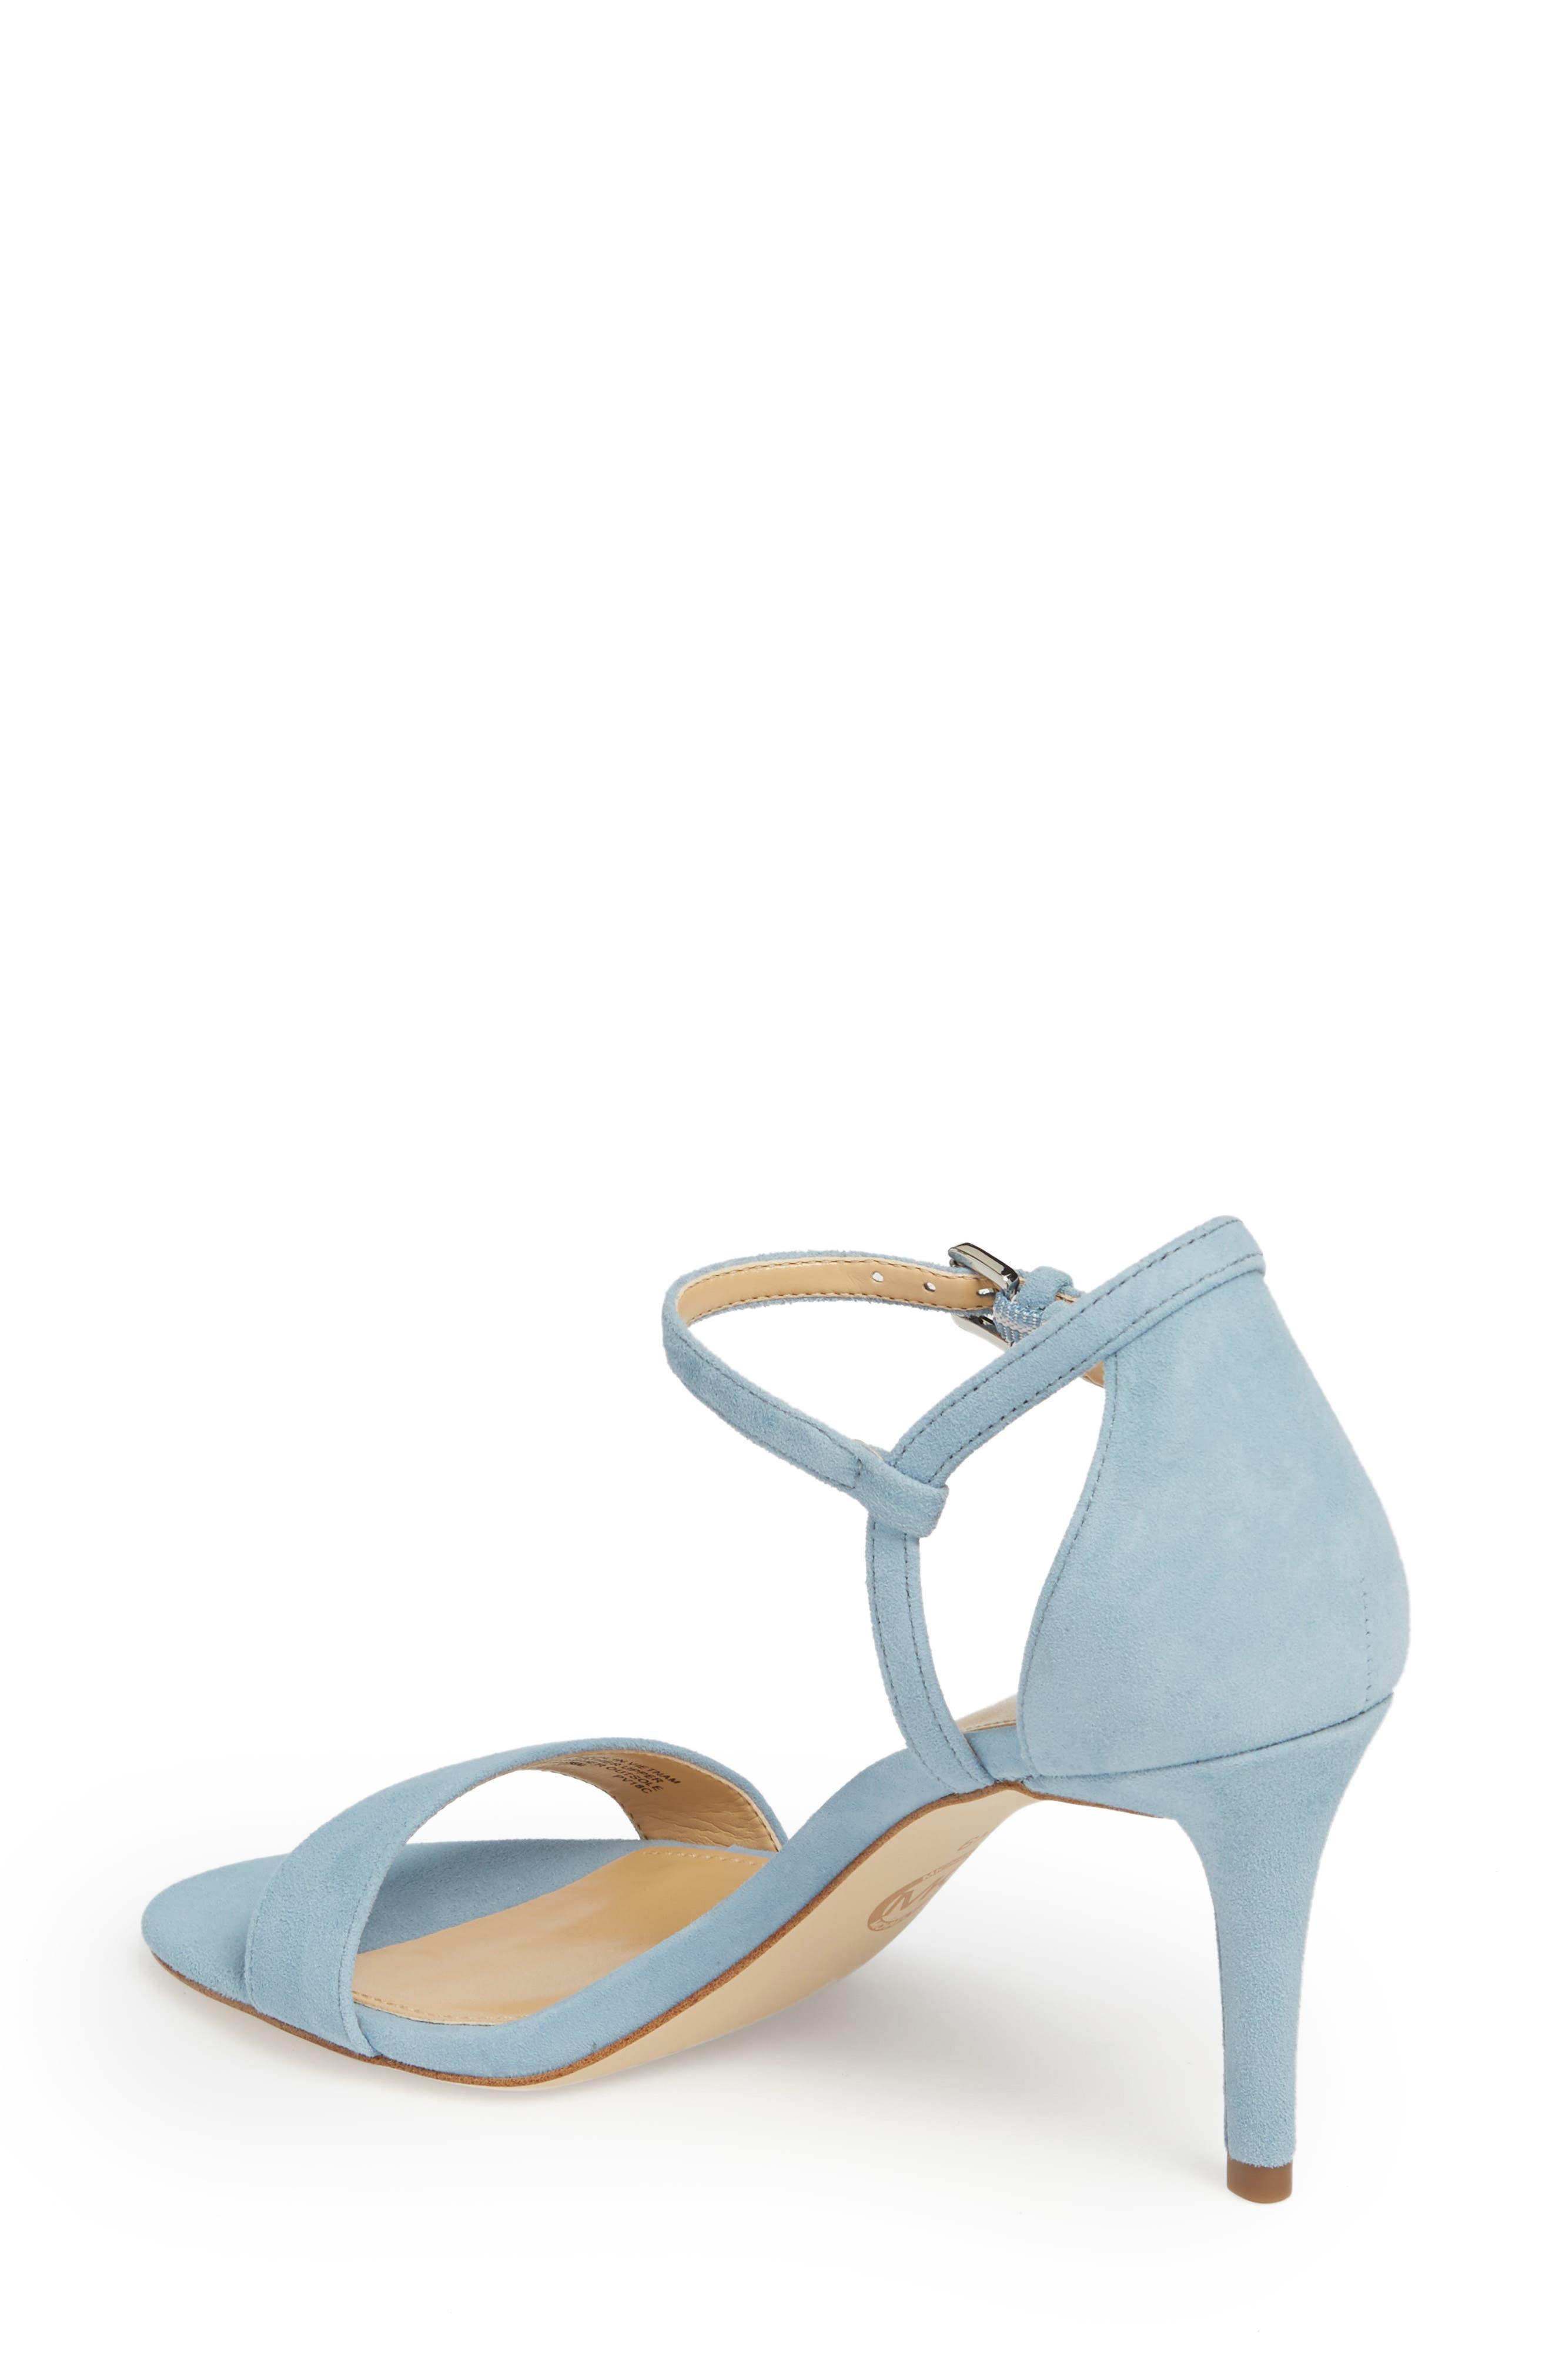 'Simone' Sandal,                             Alternate thumbnail 2, color,                             Powder Blue Suede